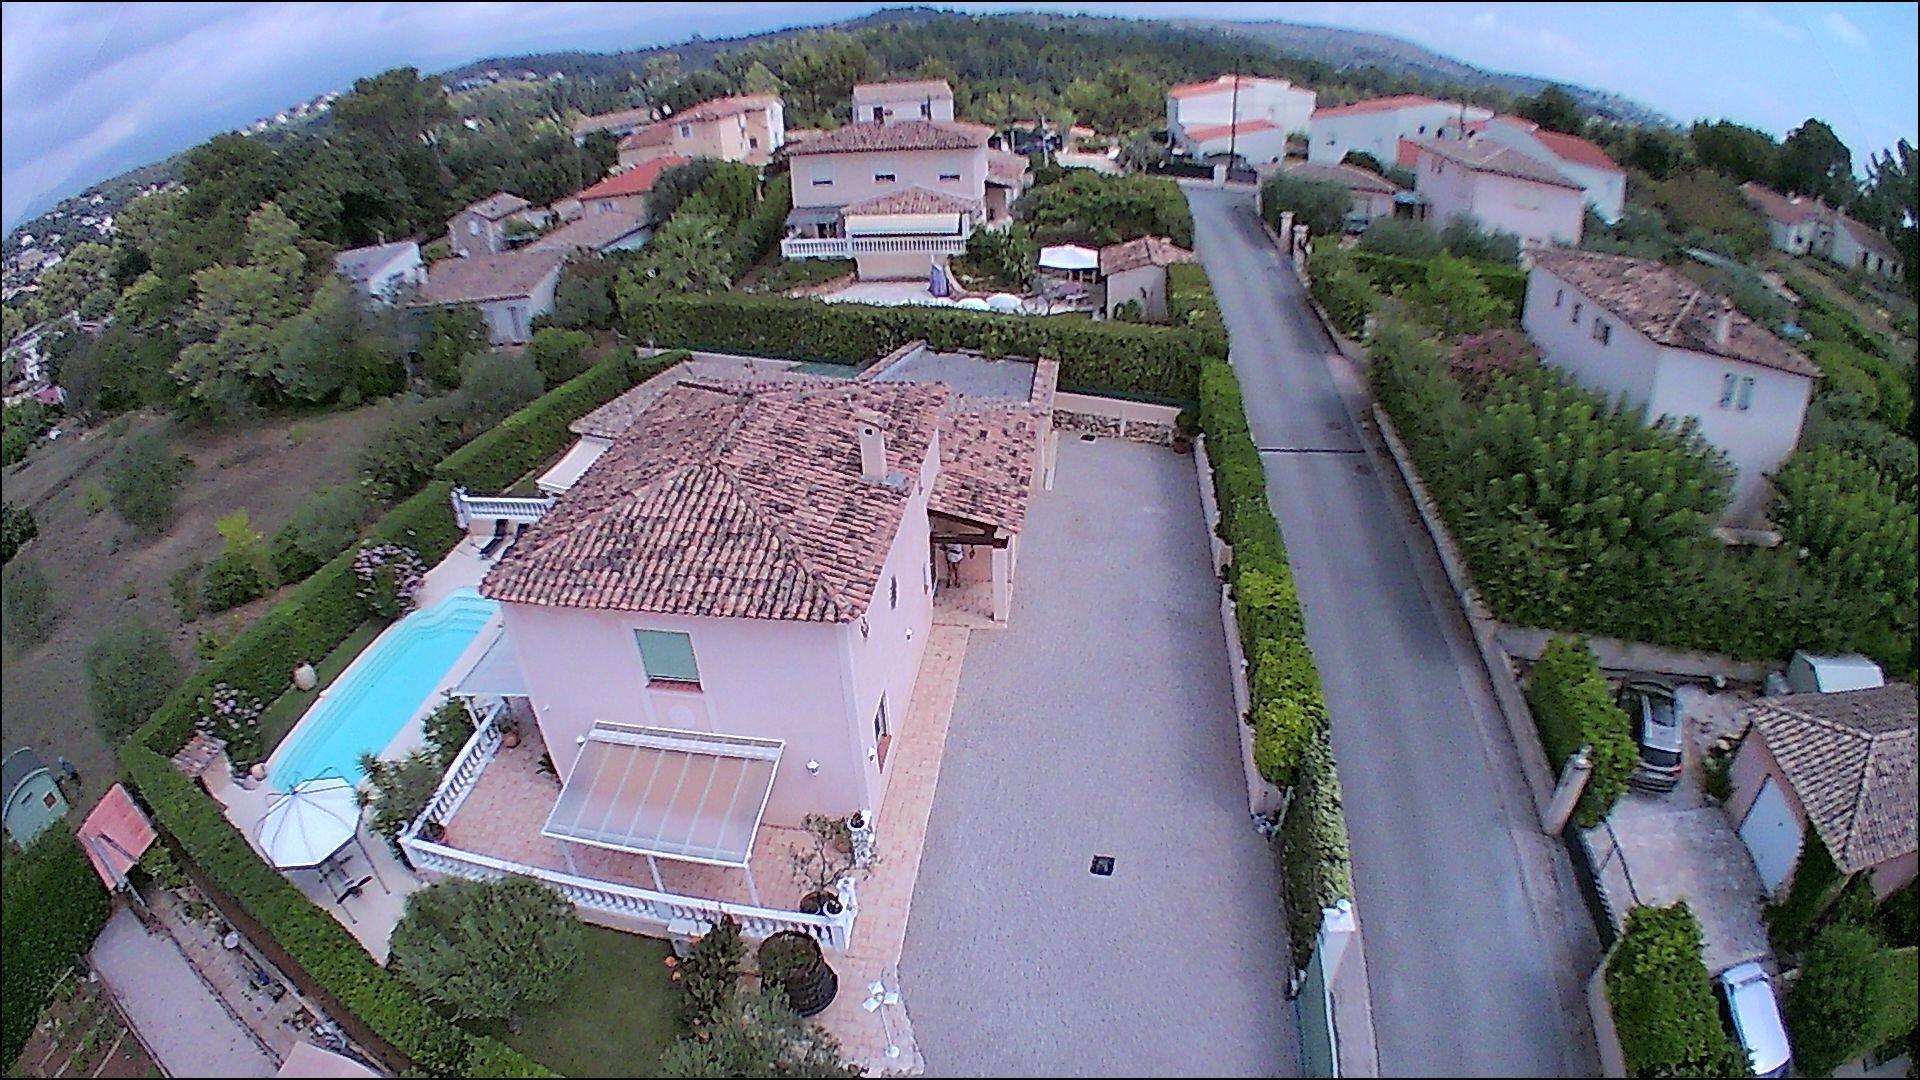 Vente Maison 169 m² T7 06410 Biot_14